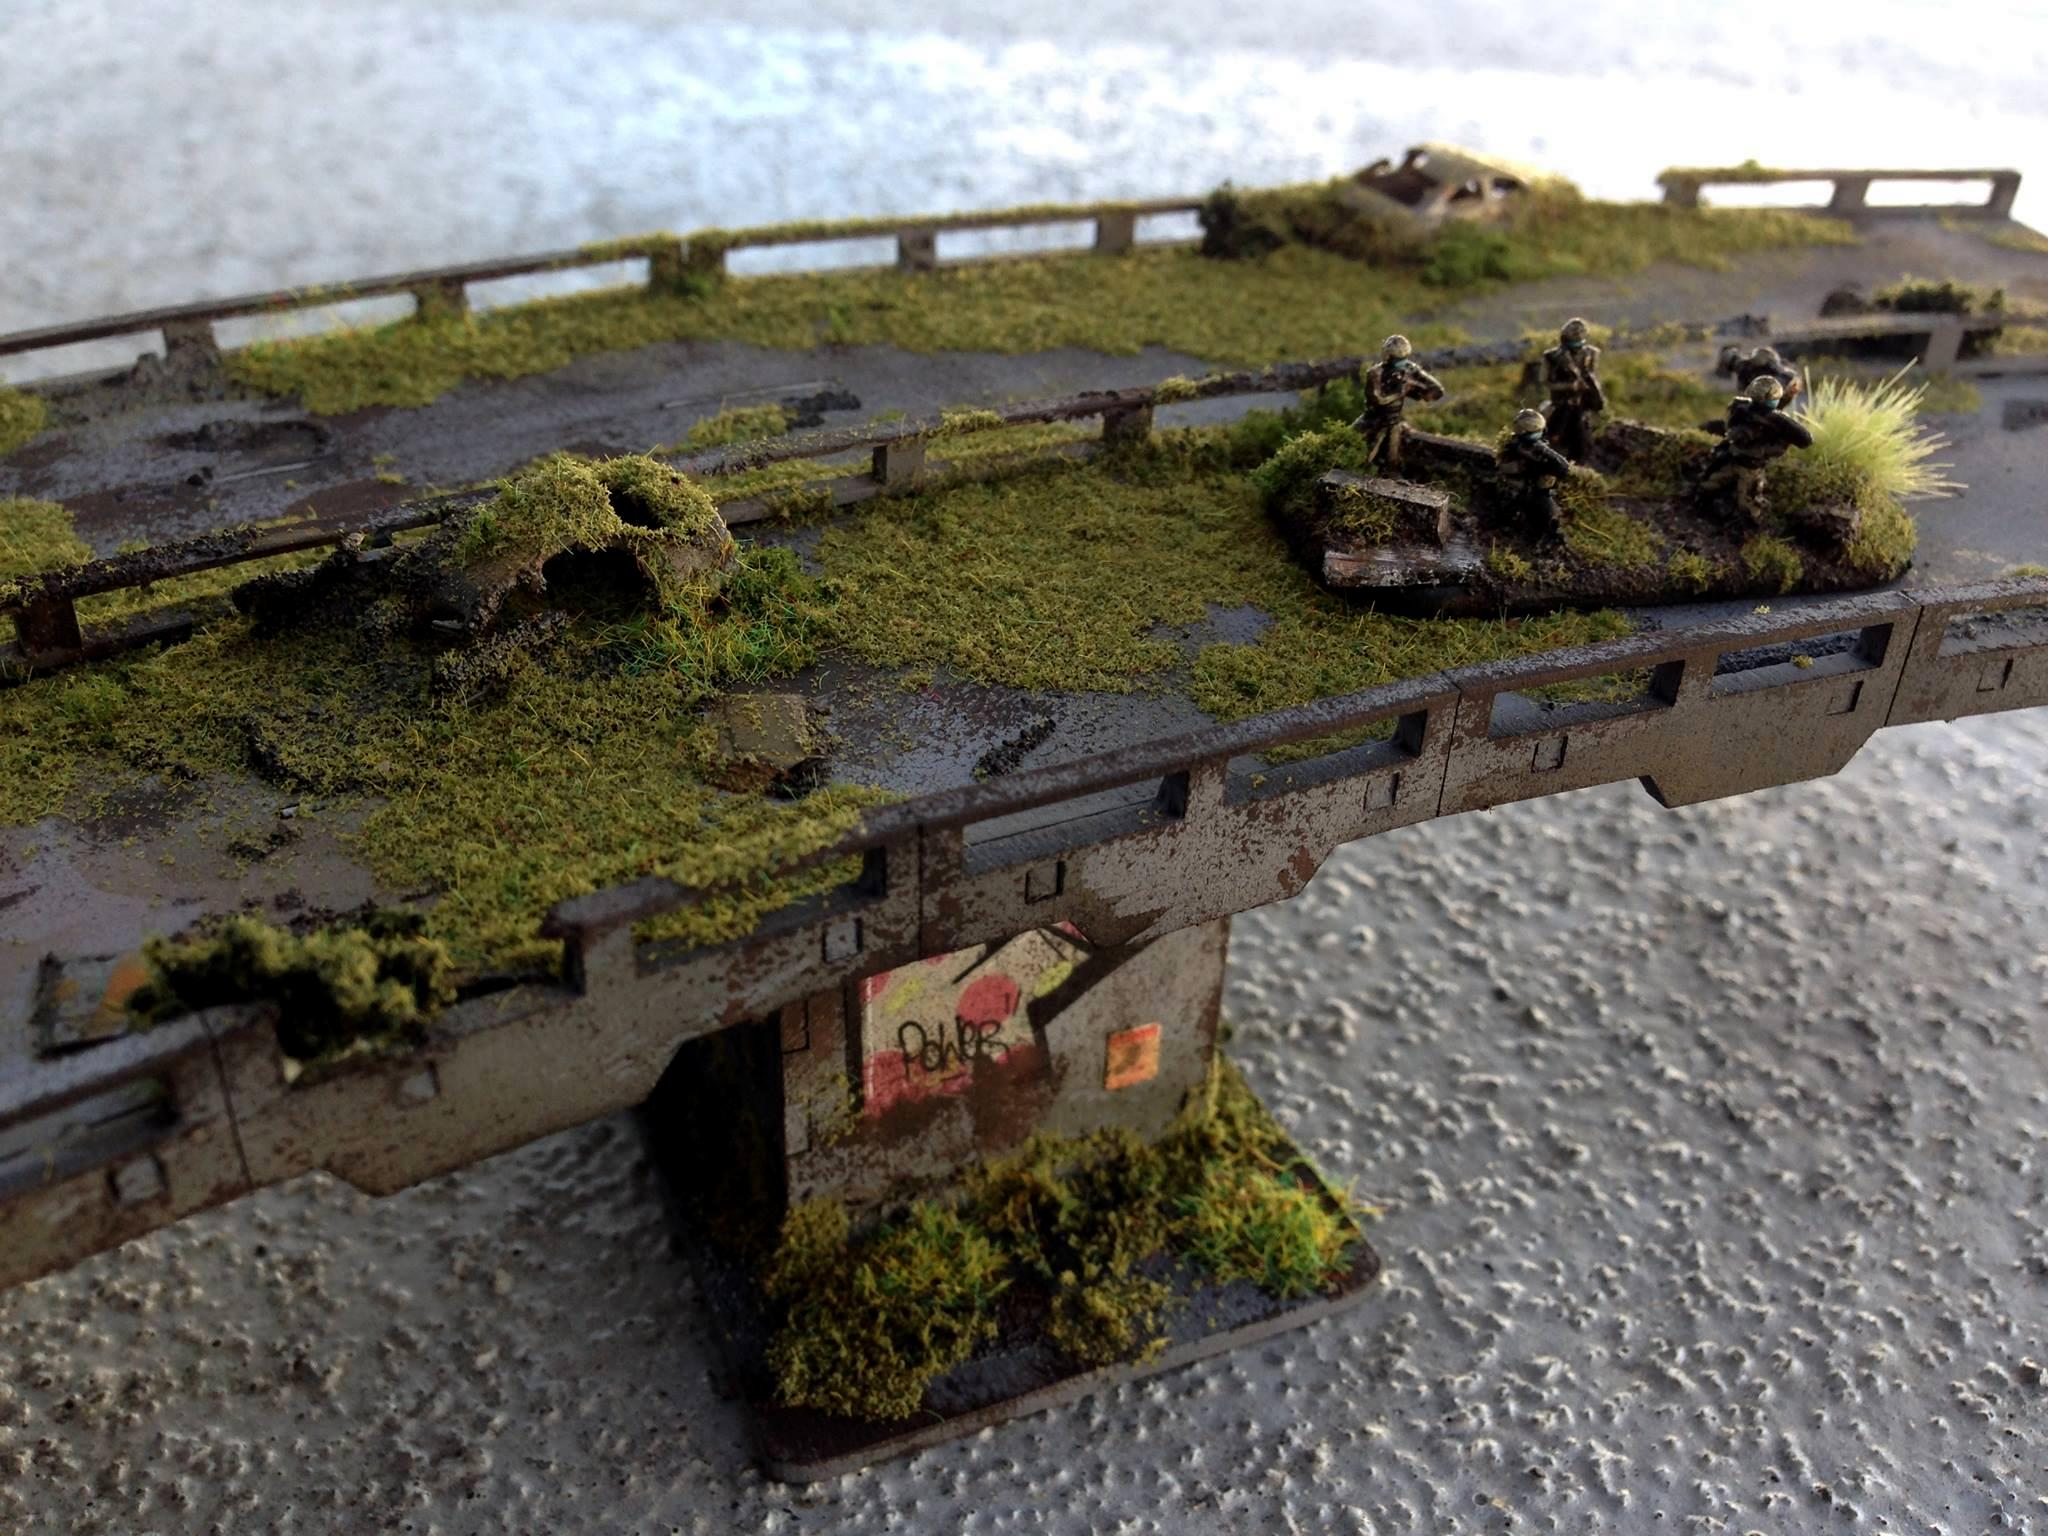 Abandoned, Bridge, Dropzone, Dzc, Moss, Overgrown, Overpass, Road, Terrain